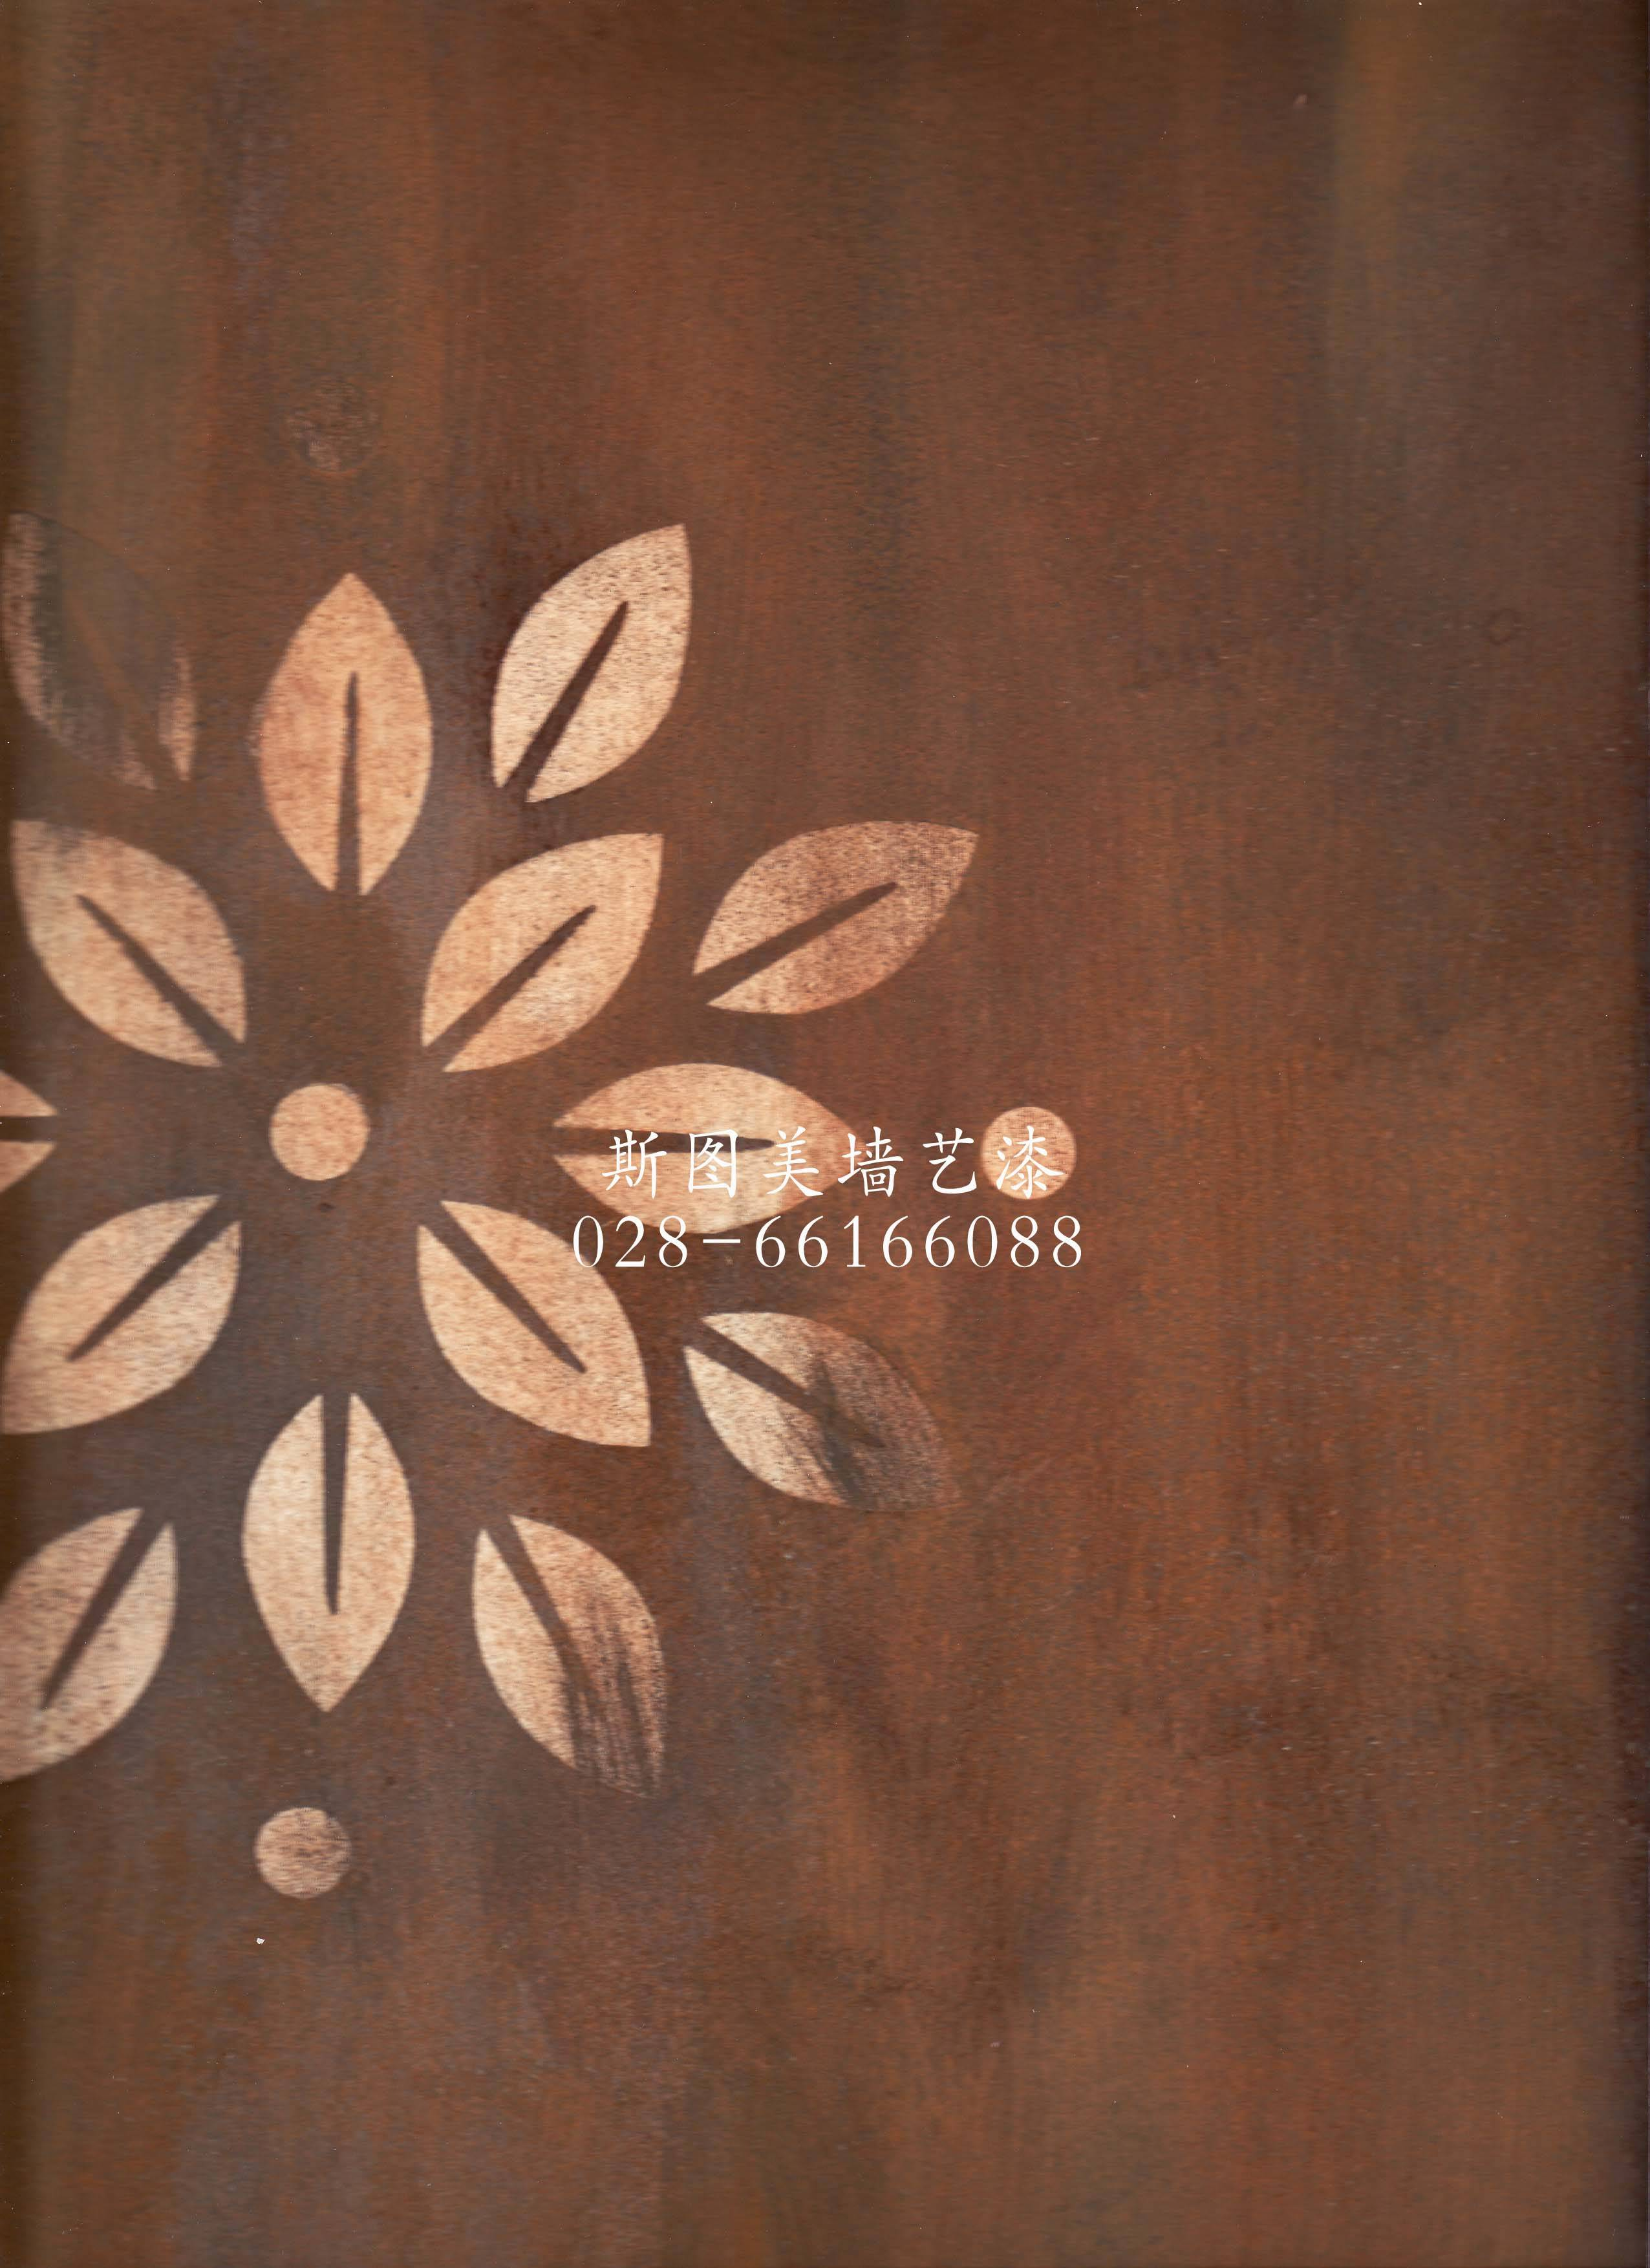 成都斯图美墙艺漆 液体壁纸 马来漆 硅藻泥 仿大理石漆